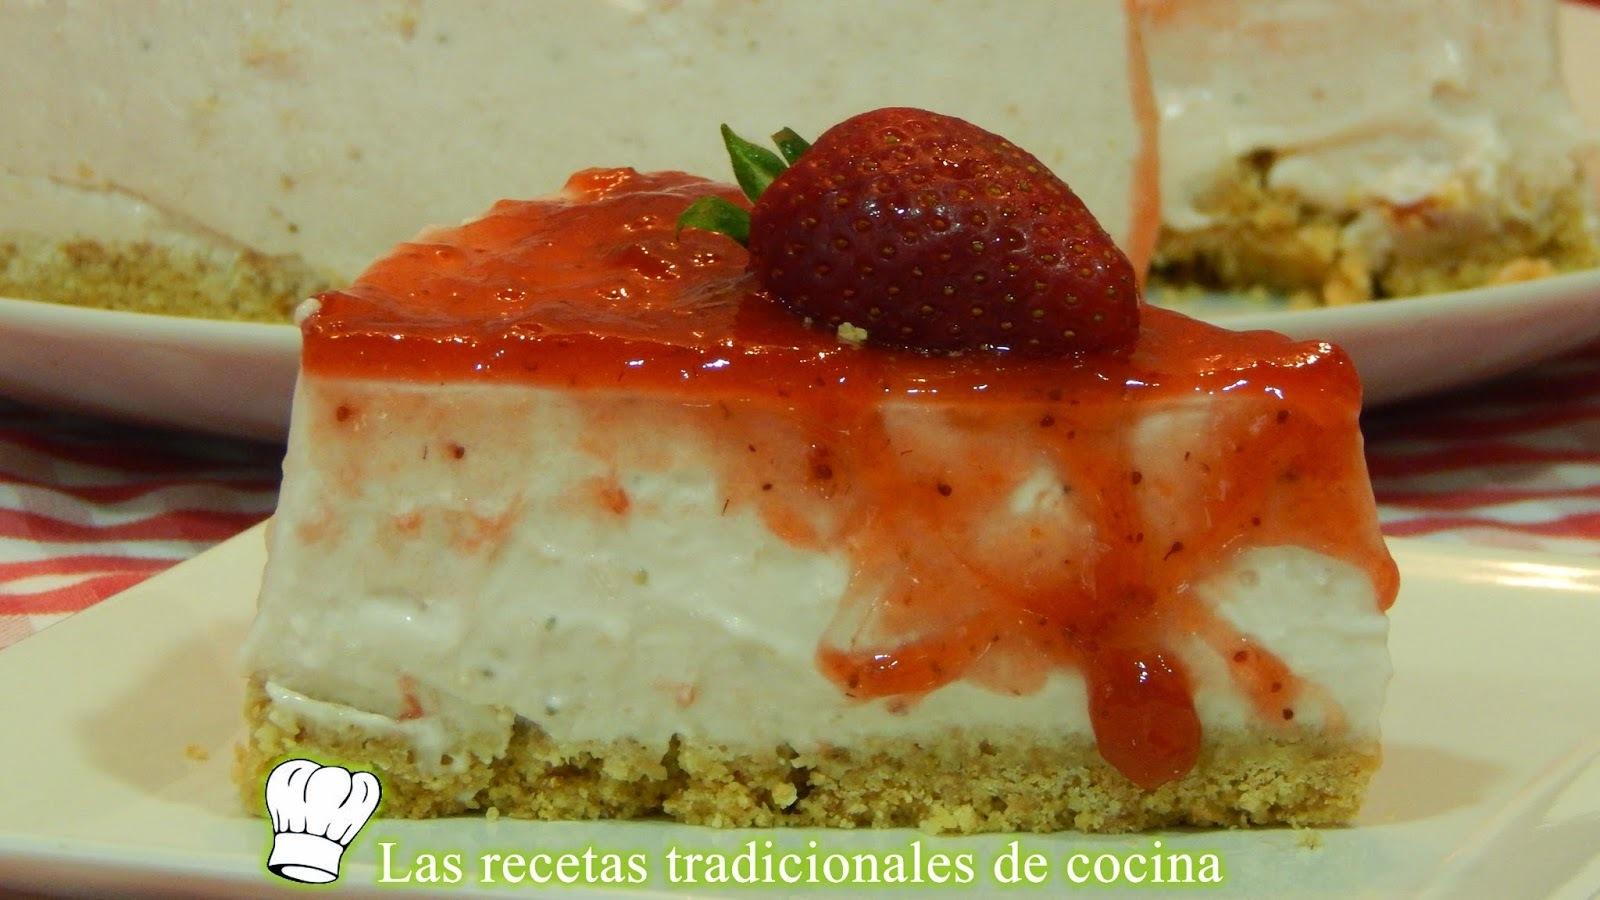 Receta fácil de tarta de queso y fresas sin horno